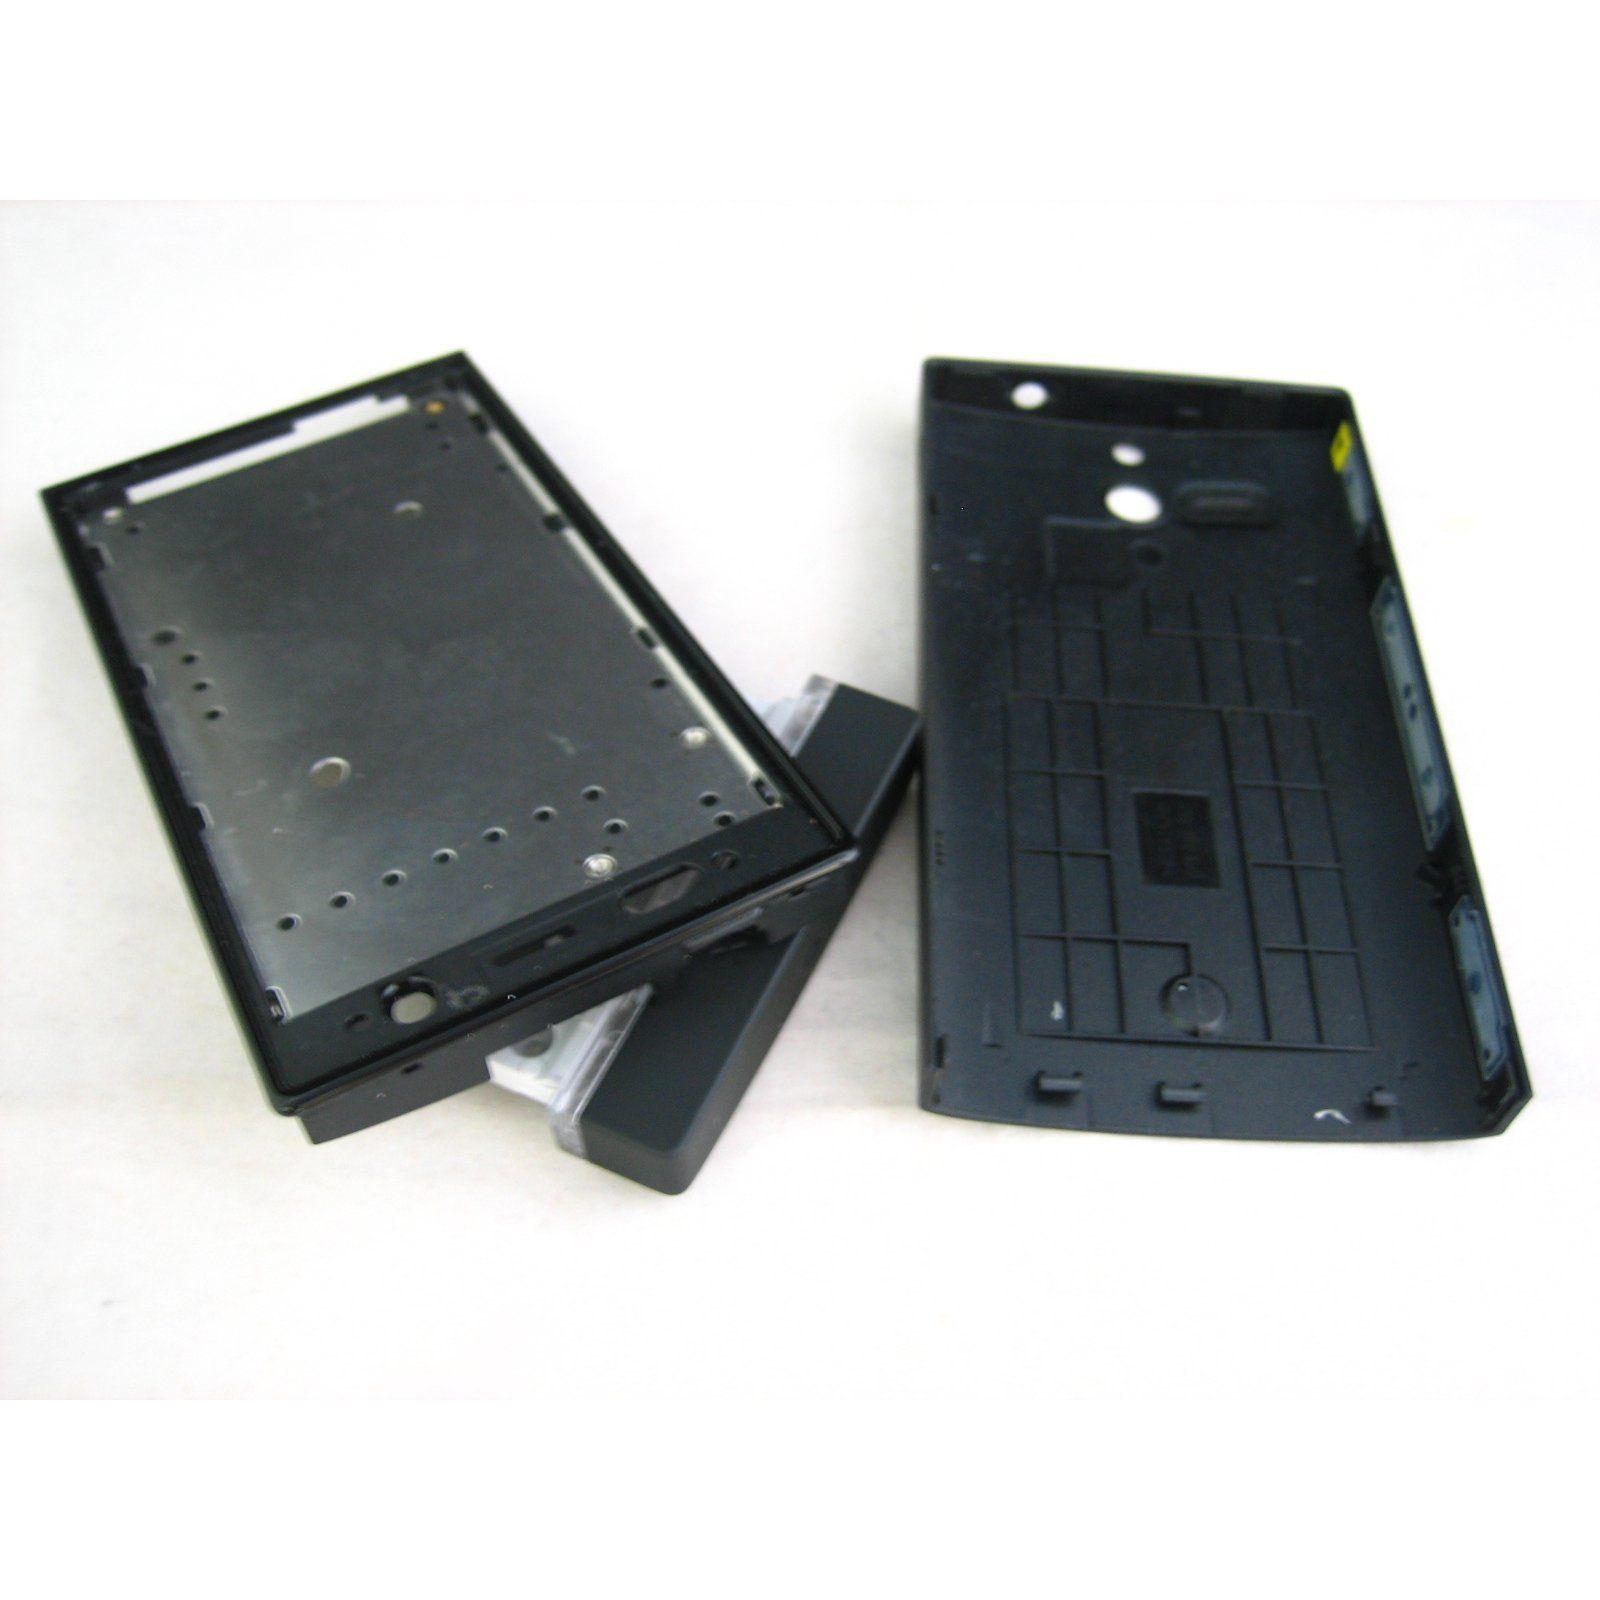 Комплектующие для мобильных устройств Корпуса для КПК, коммуникаторов и смартфонов